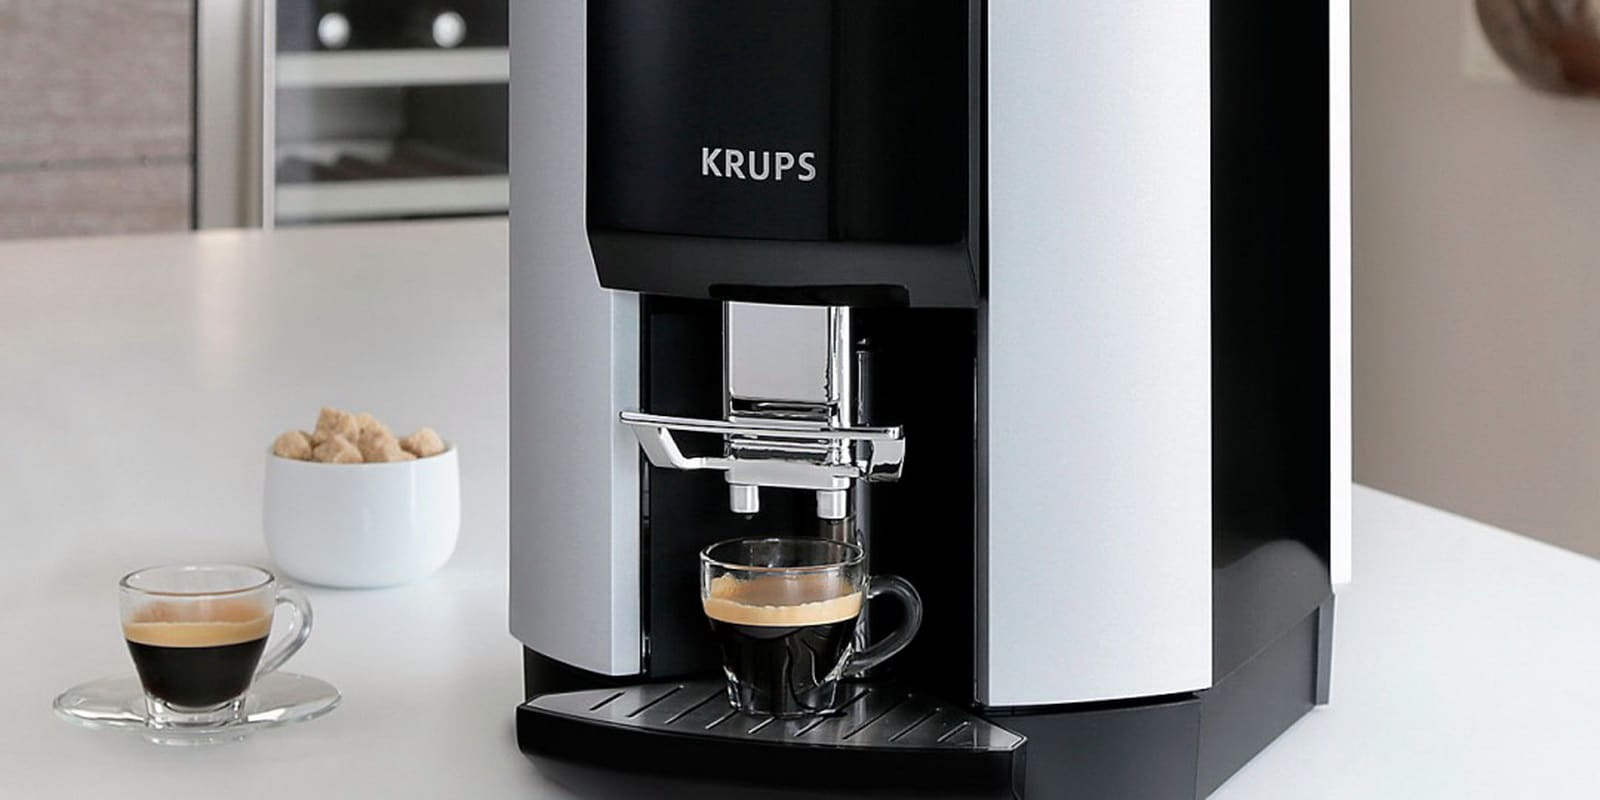 Krups espresso machine test 2020